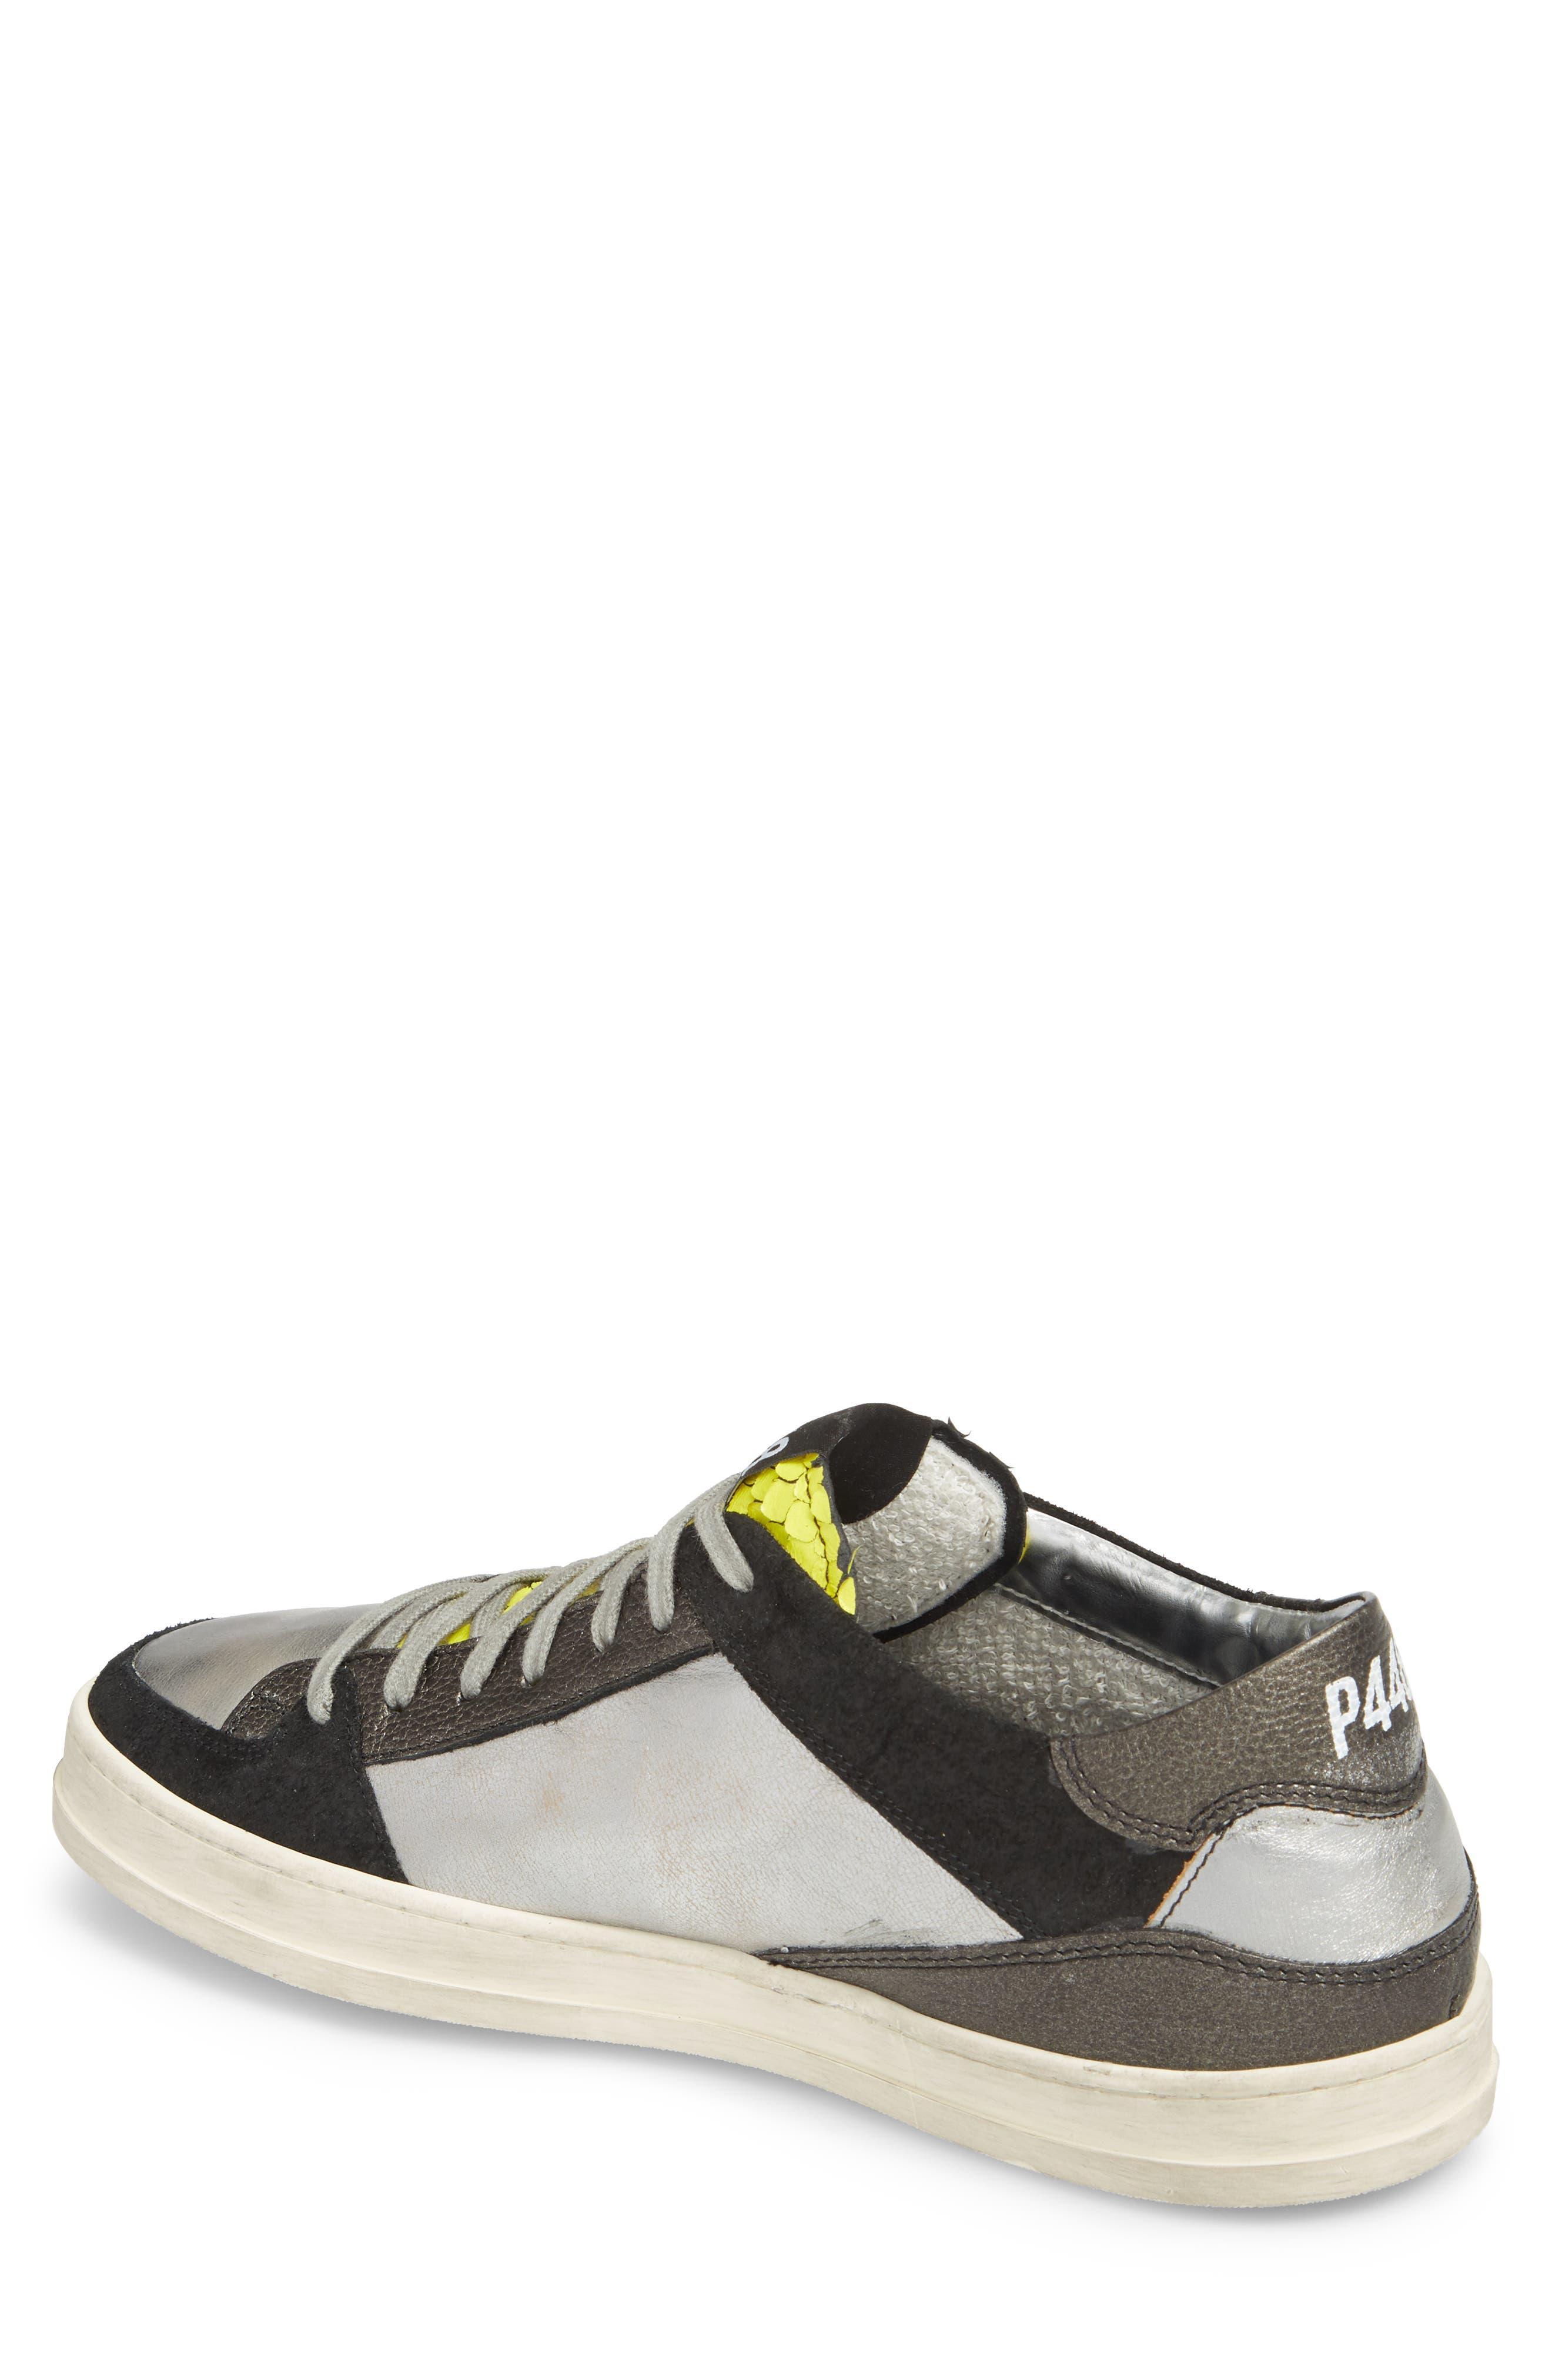 Alternate Image 2  - P448 Queens Mesh Low Top Sneaker (Men)